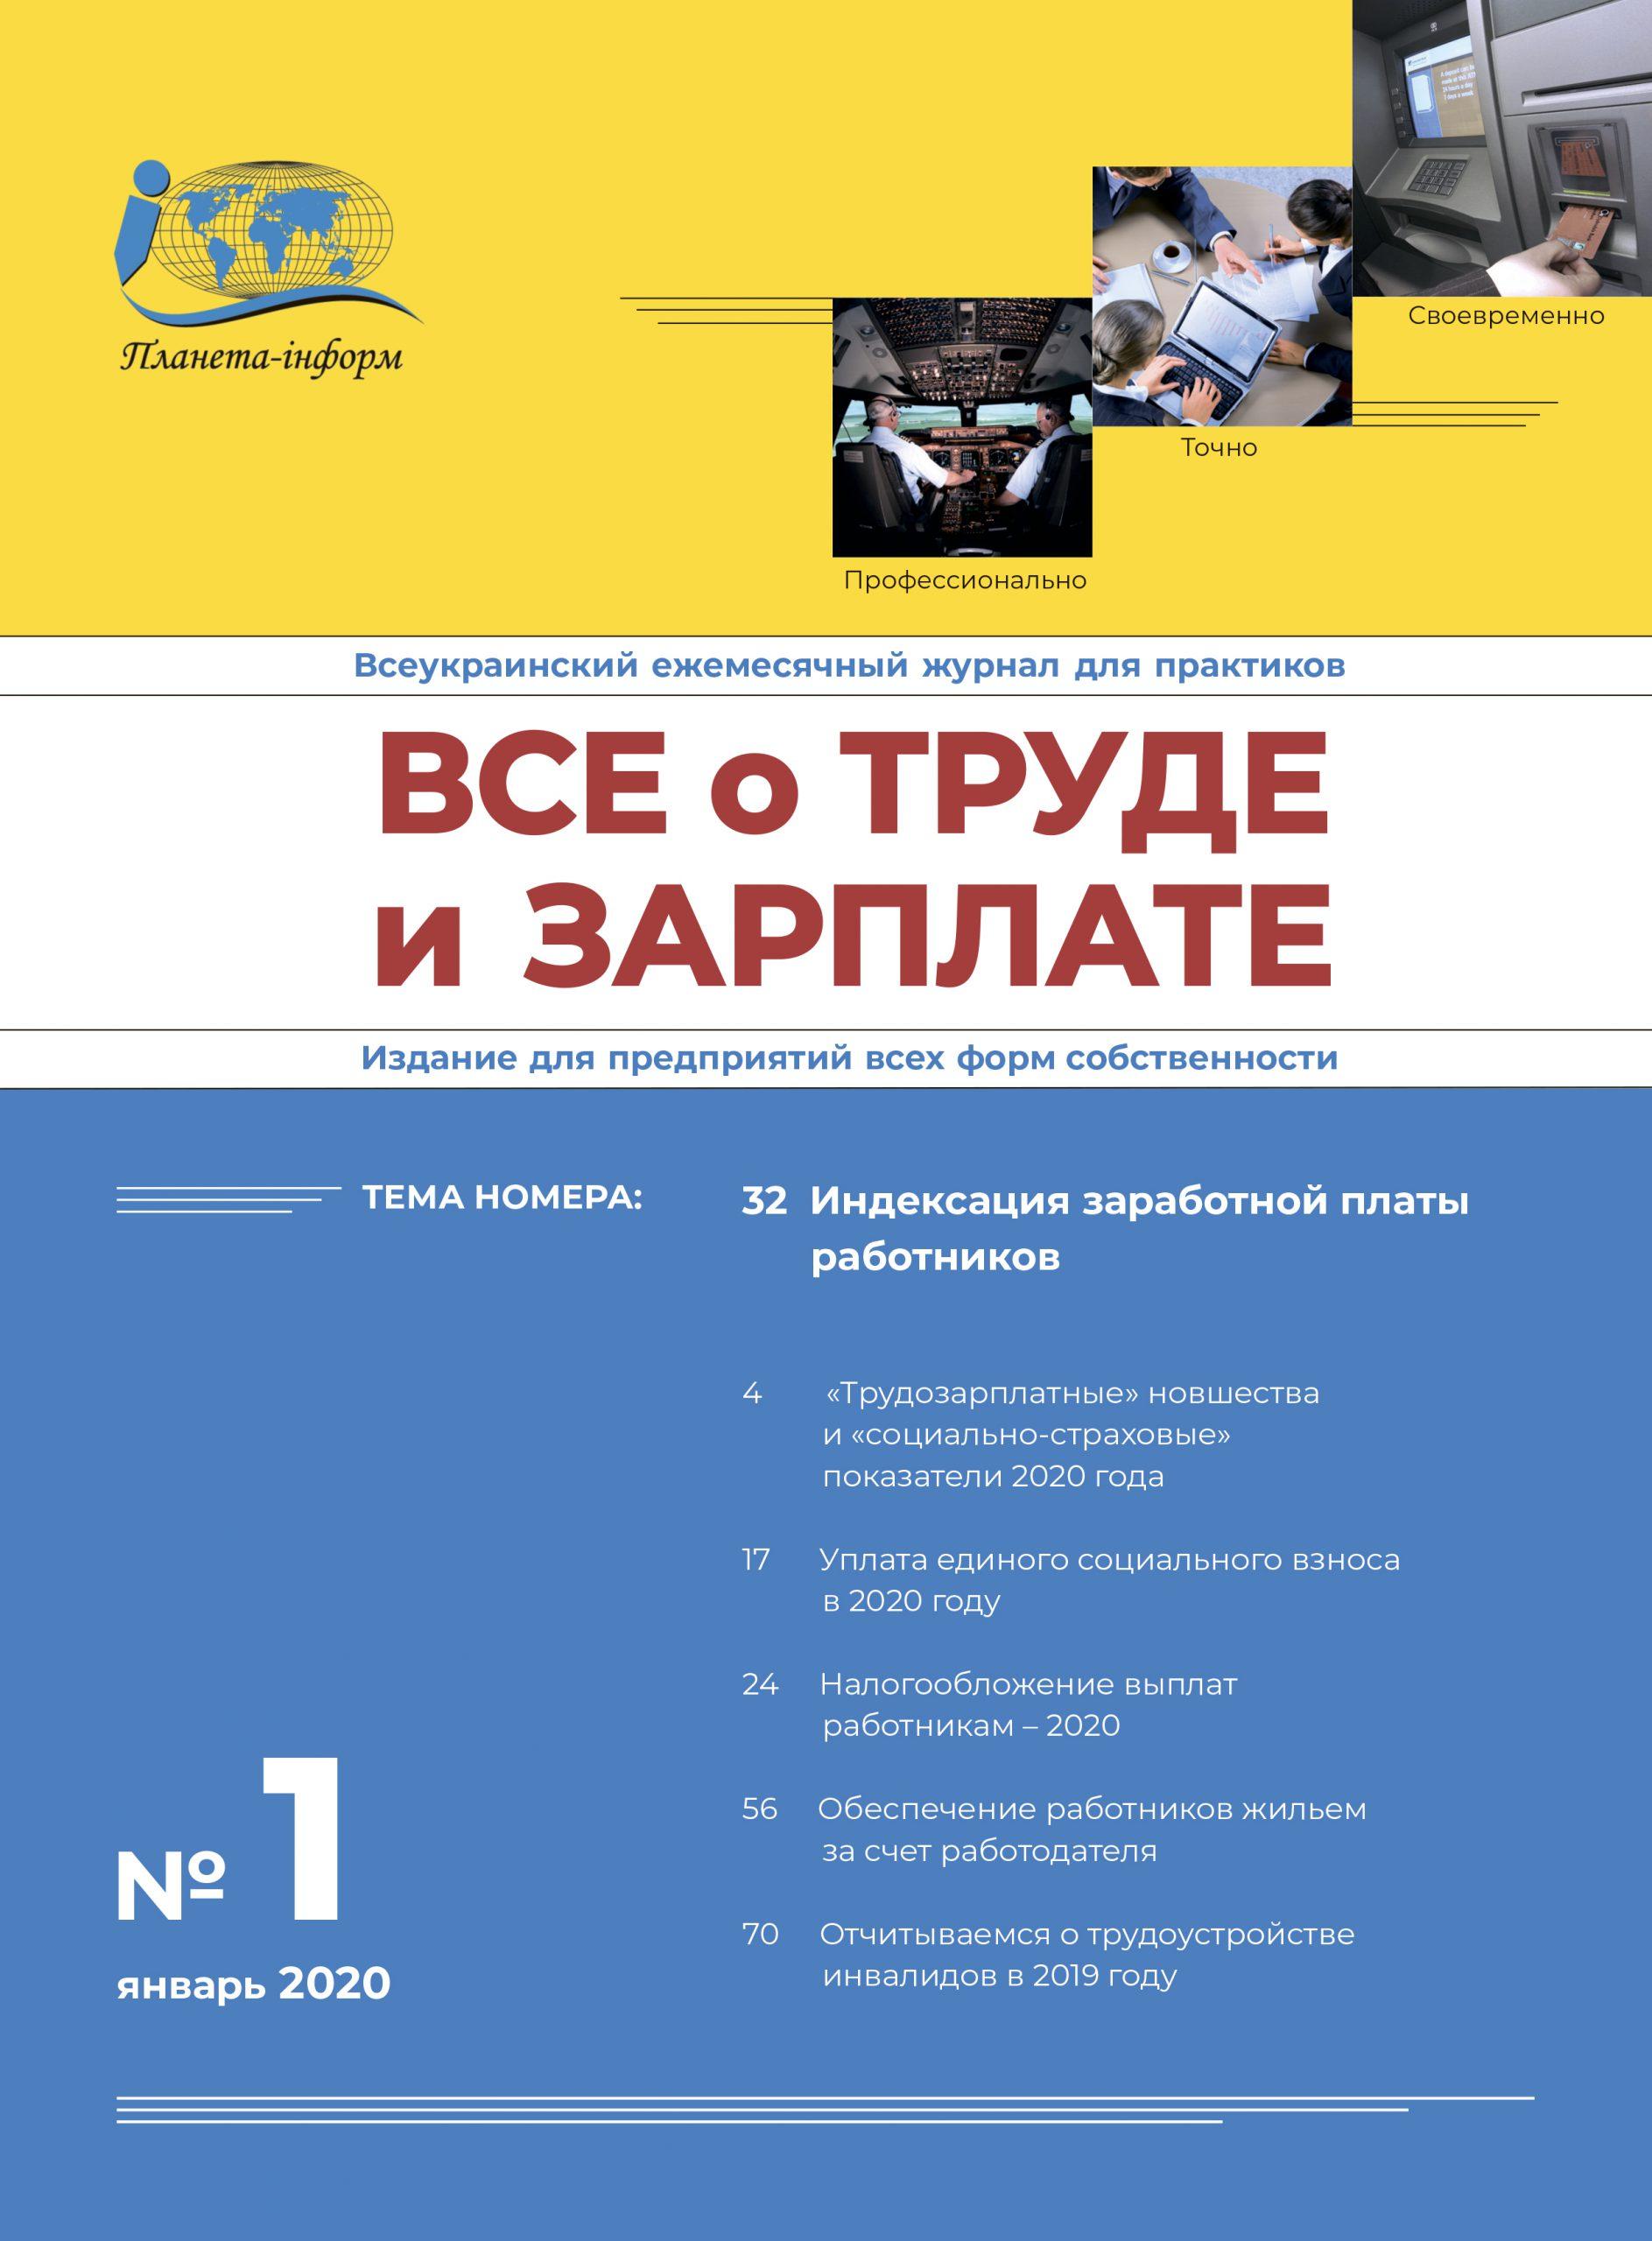 Журнал Все о труде и зарплате № 1/2020